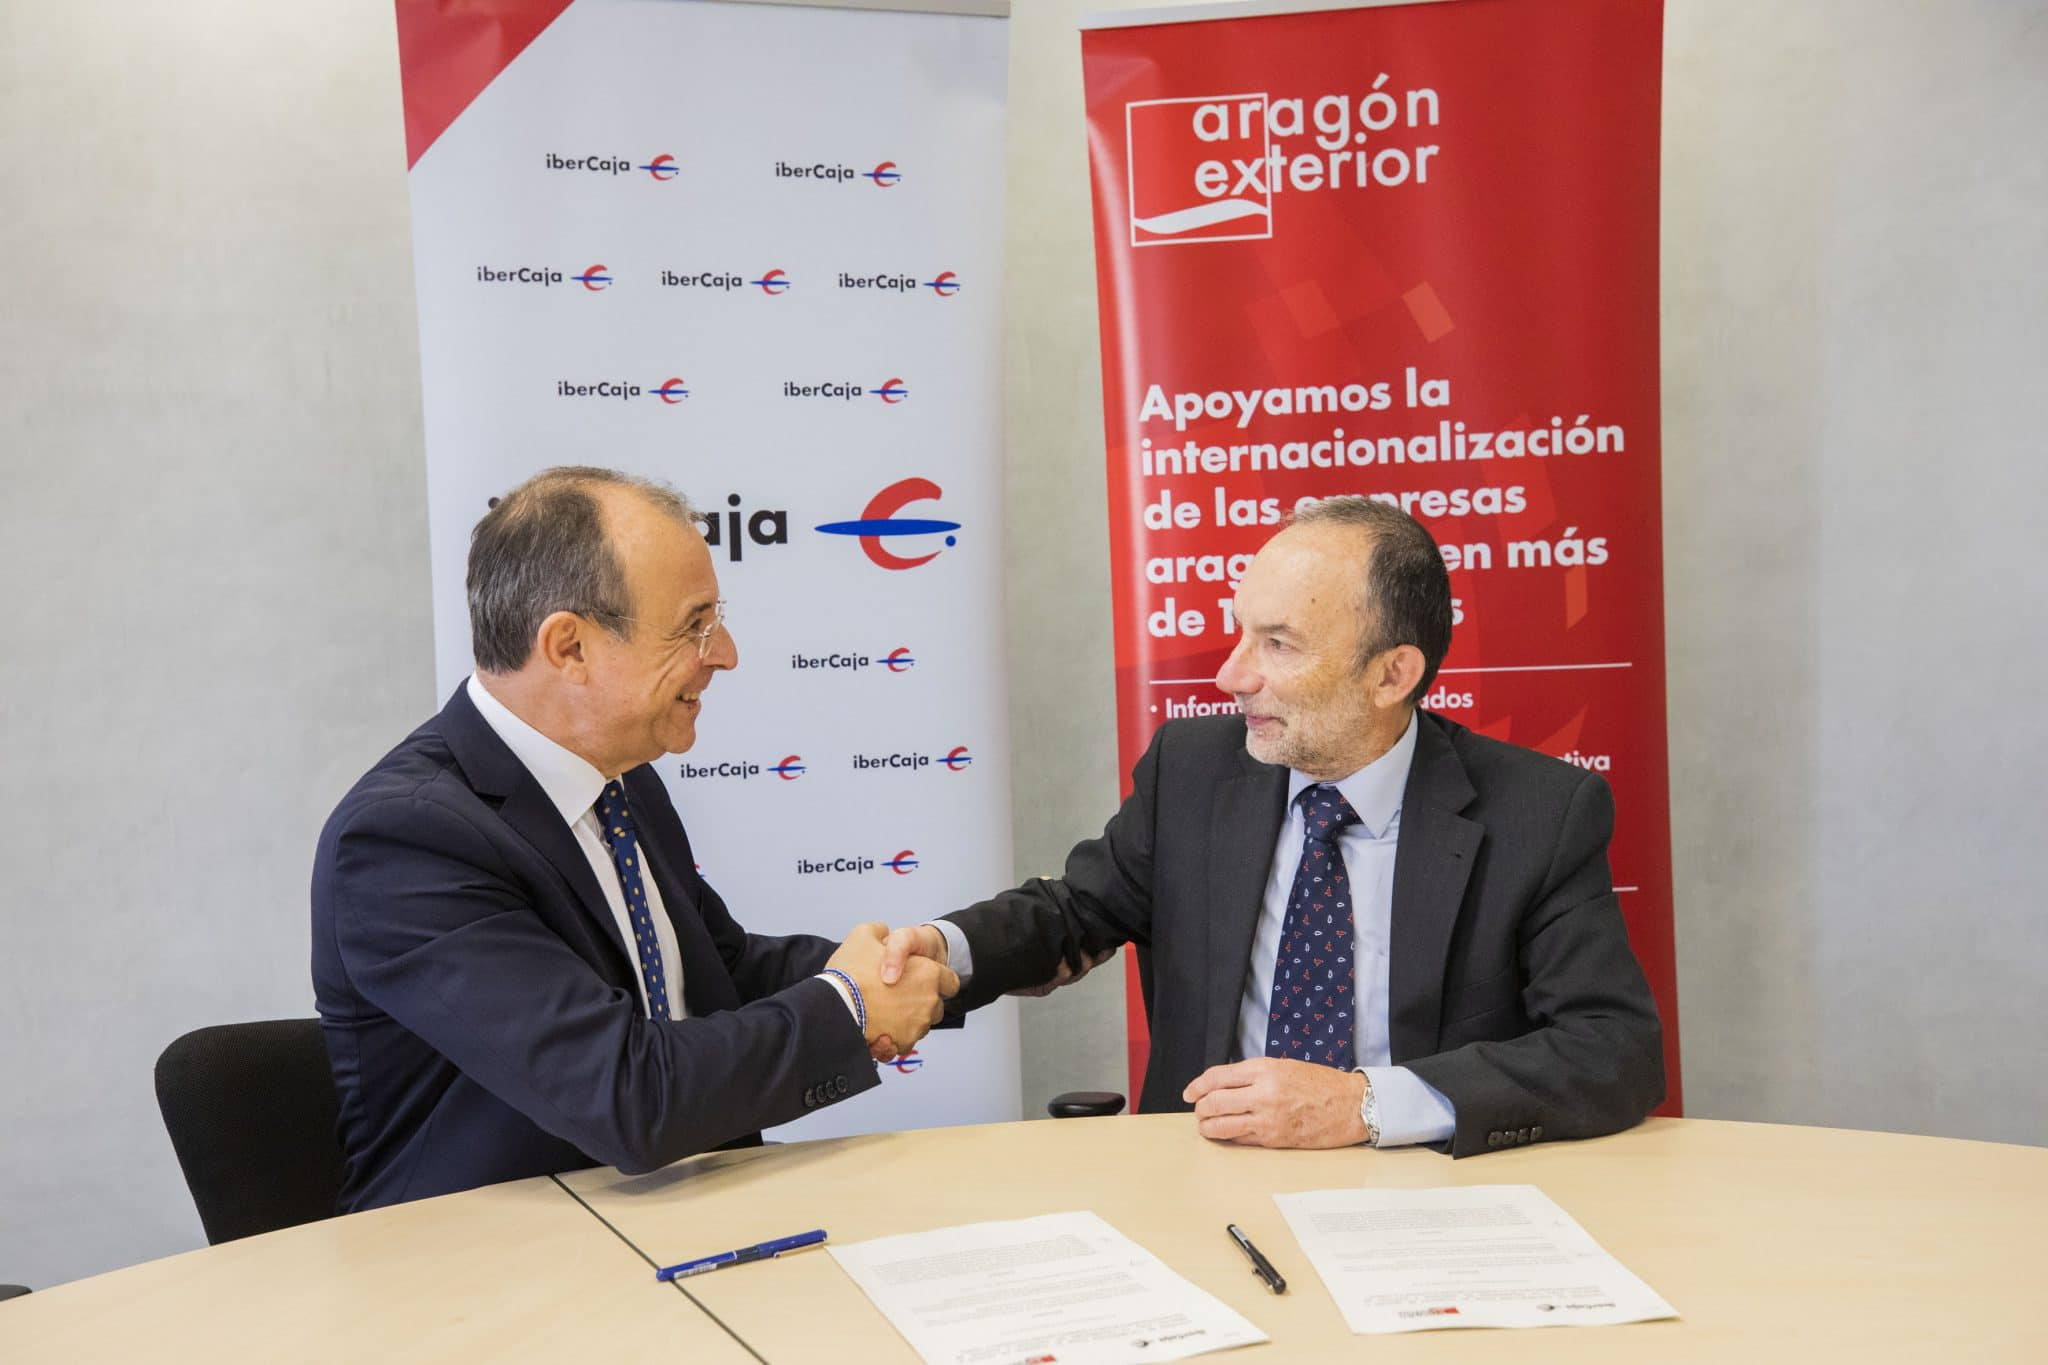 Aragón Exterior e Ibercaja renuevan su acuerdo para desarrollar Desayunos Arex de promoción de la internacionalización